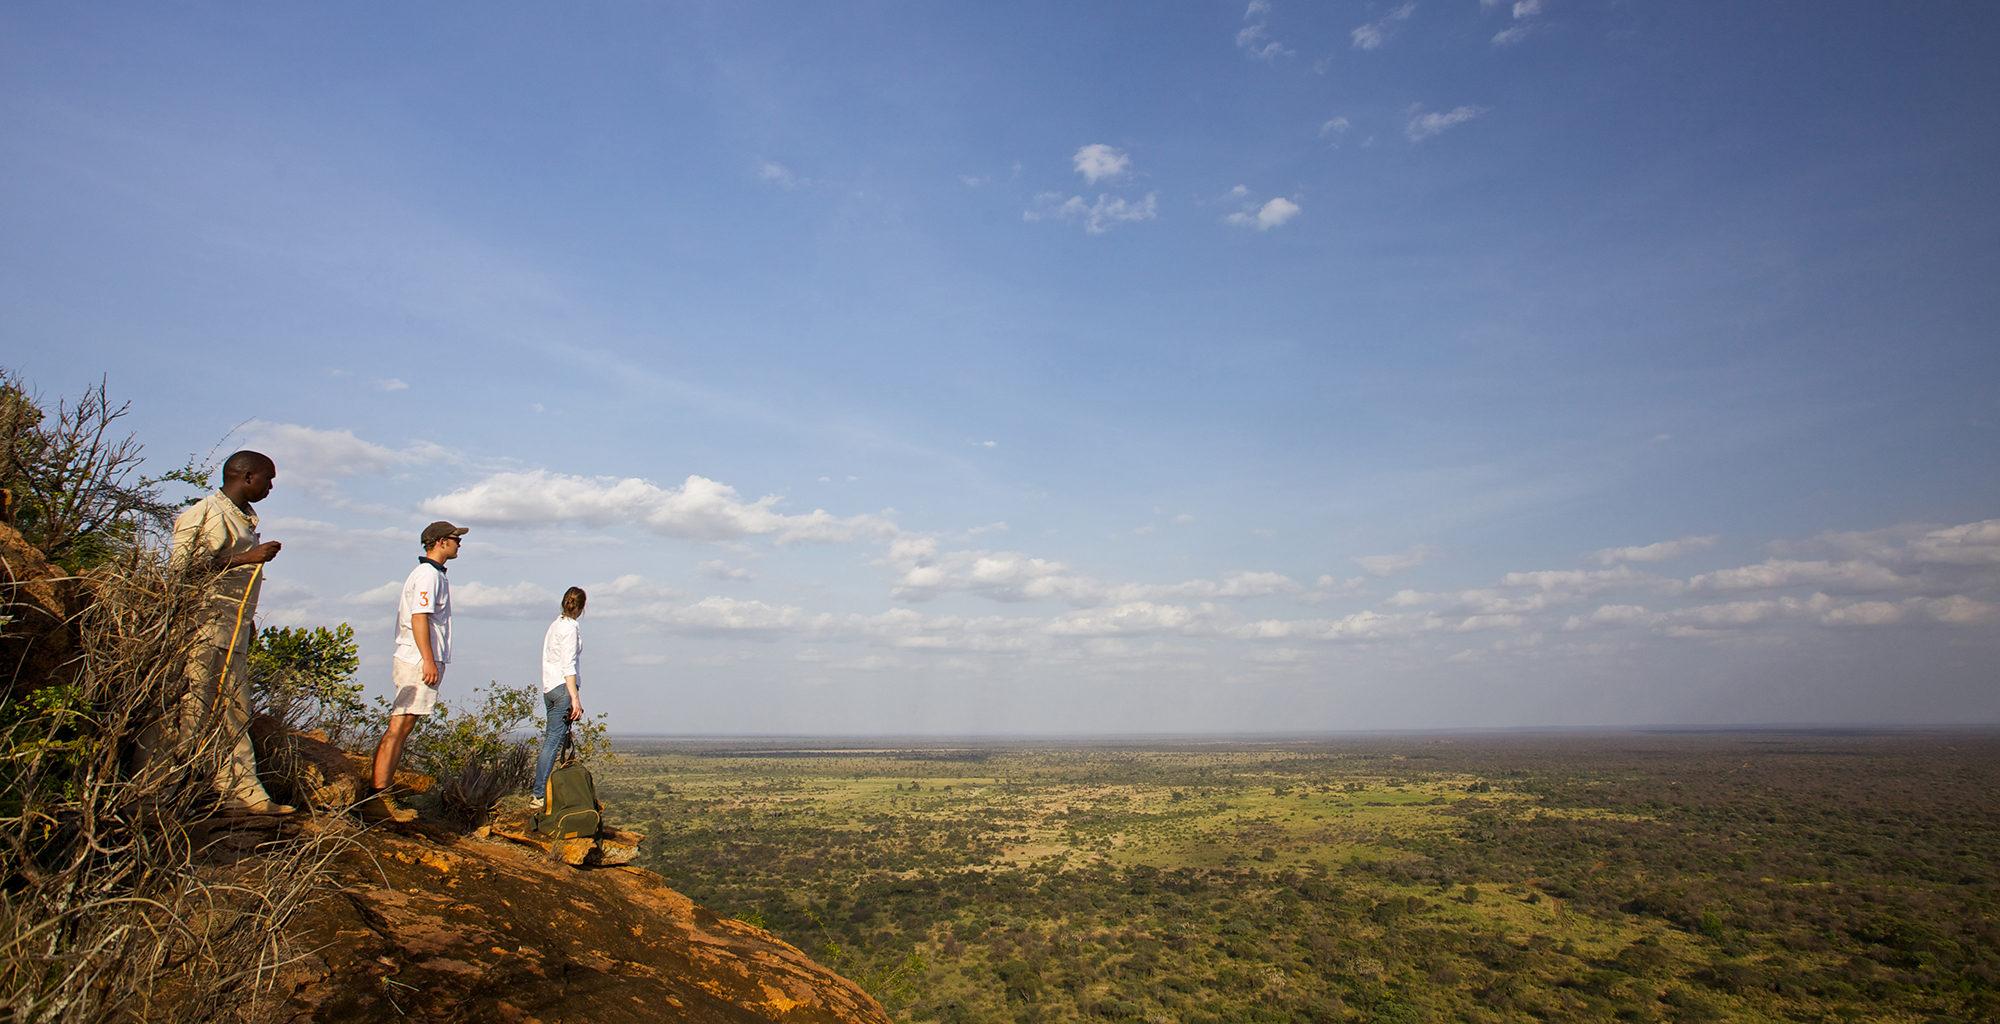 Kenya-Meru-National-Park-Landscape